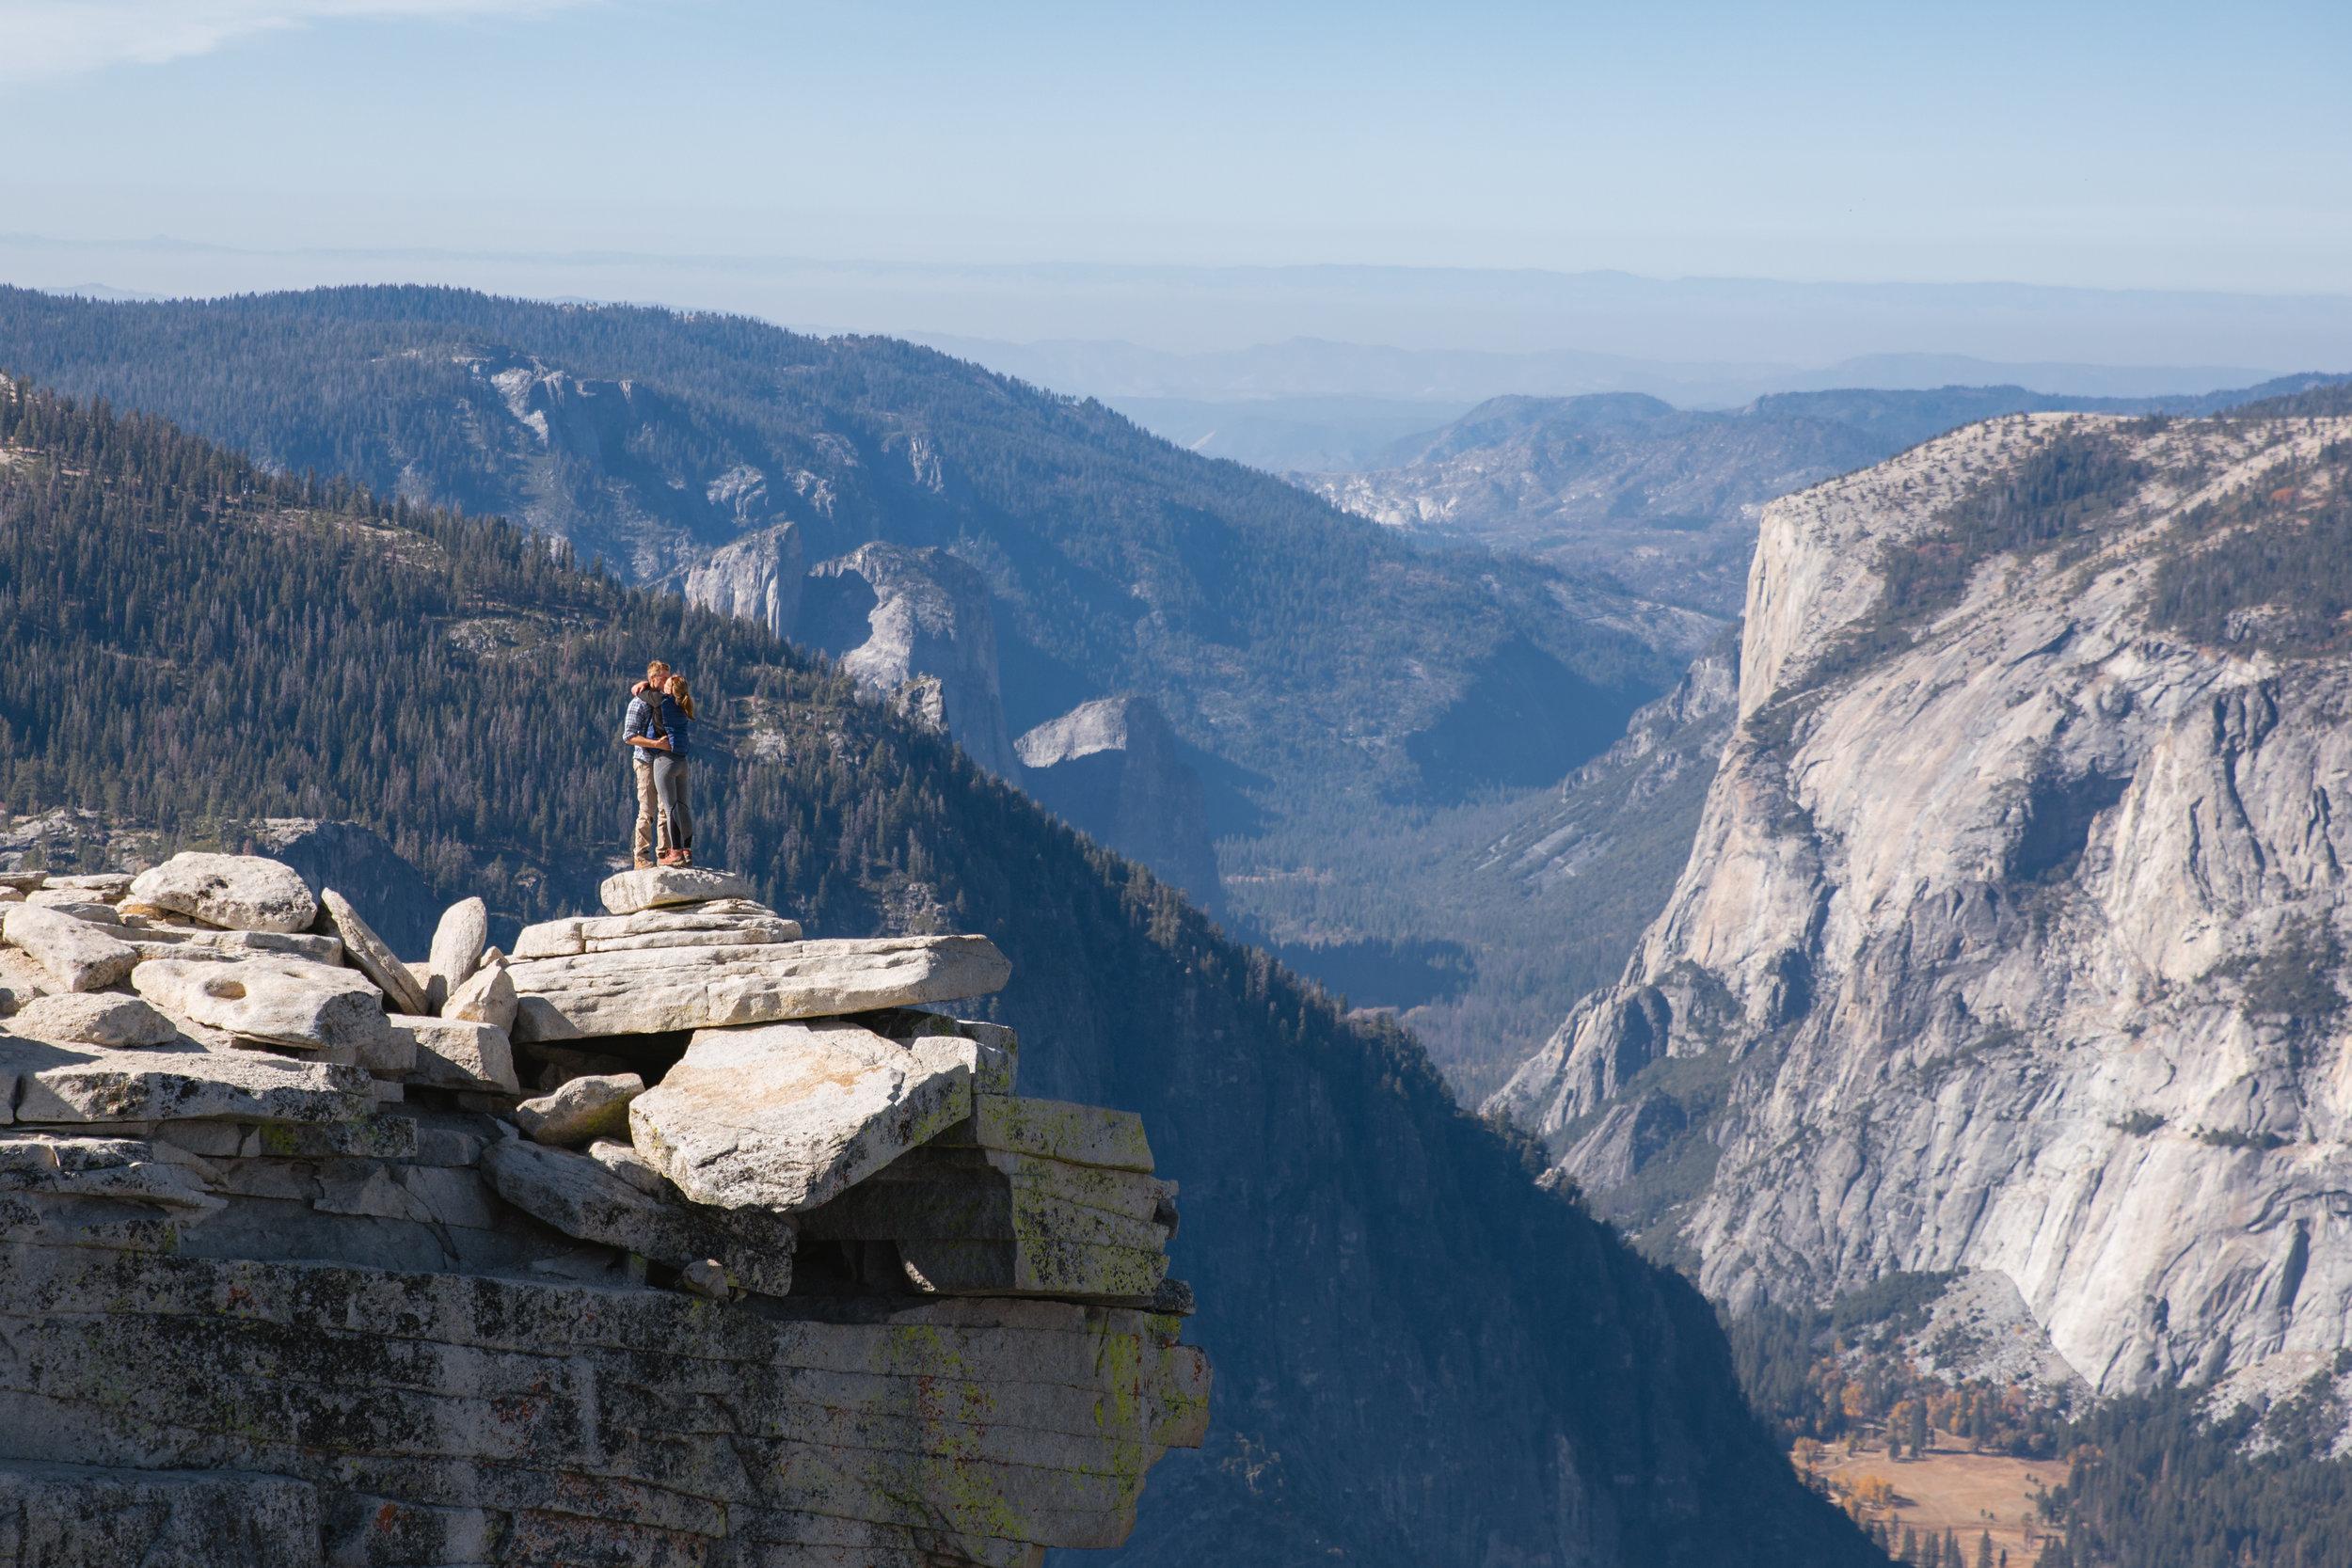 Half Dome Proposal - Carrying a big rock up a big rock